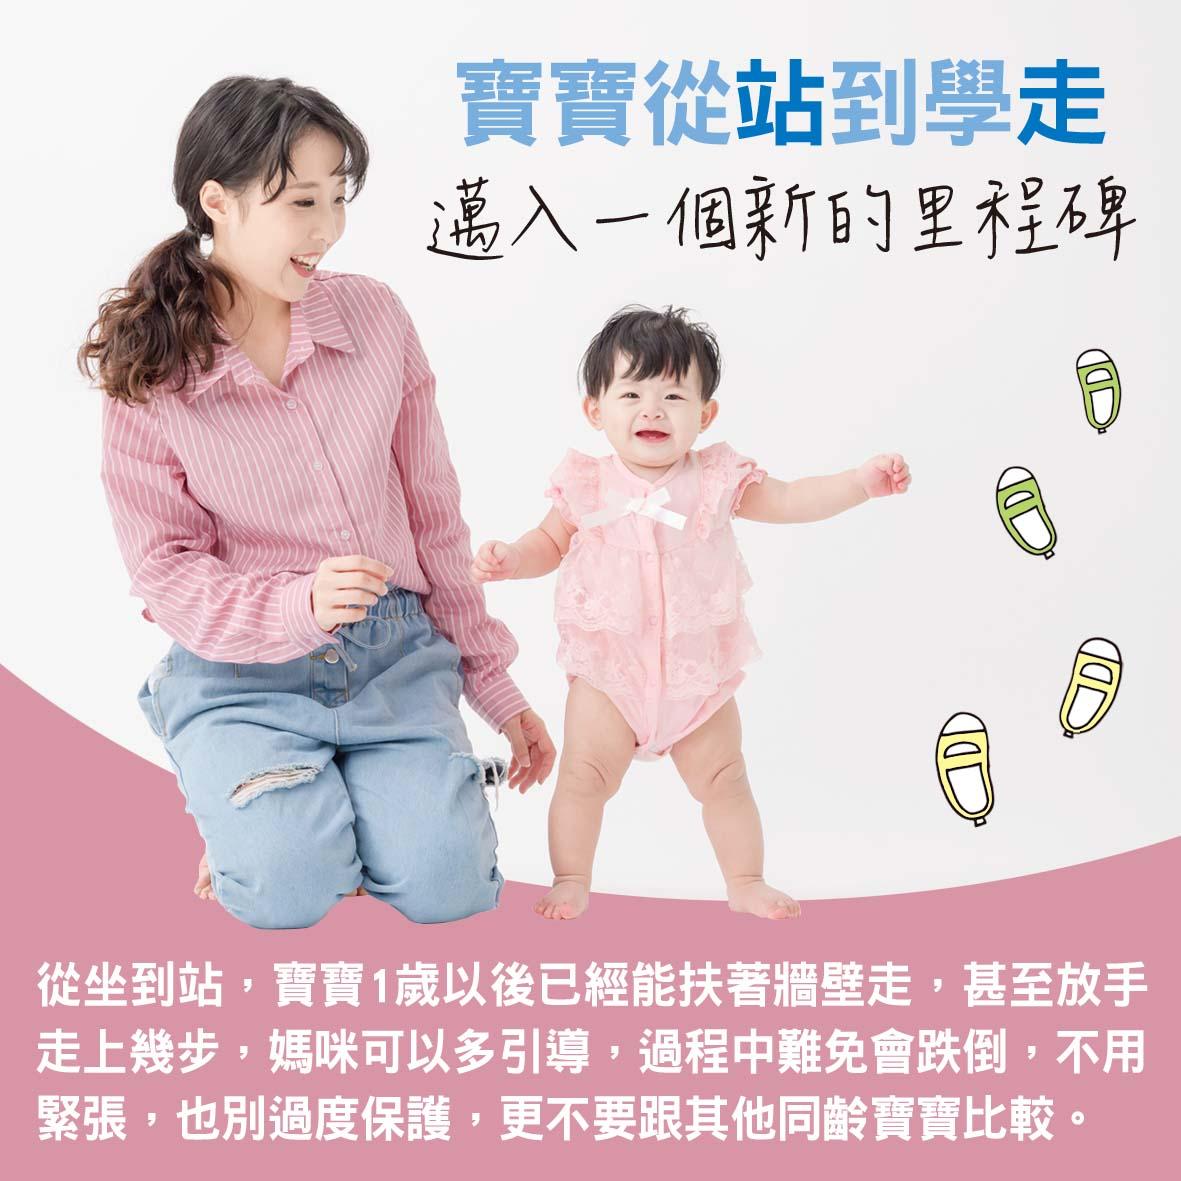 寶寶篇1歲第3~4週-寶寶從站到學走 邁入一個新的里程碑